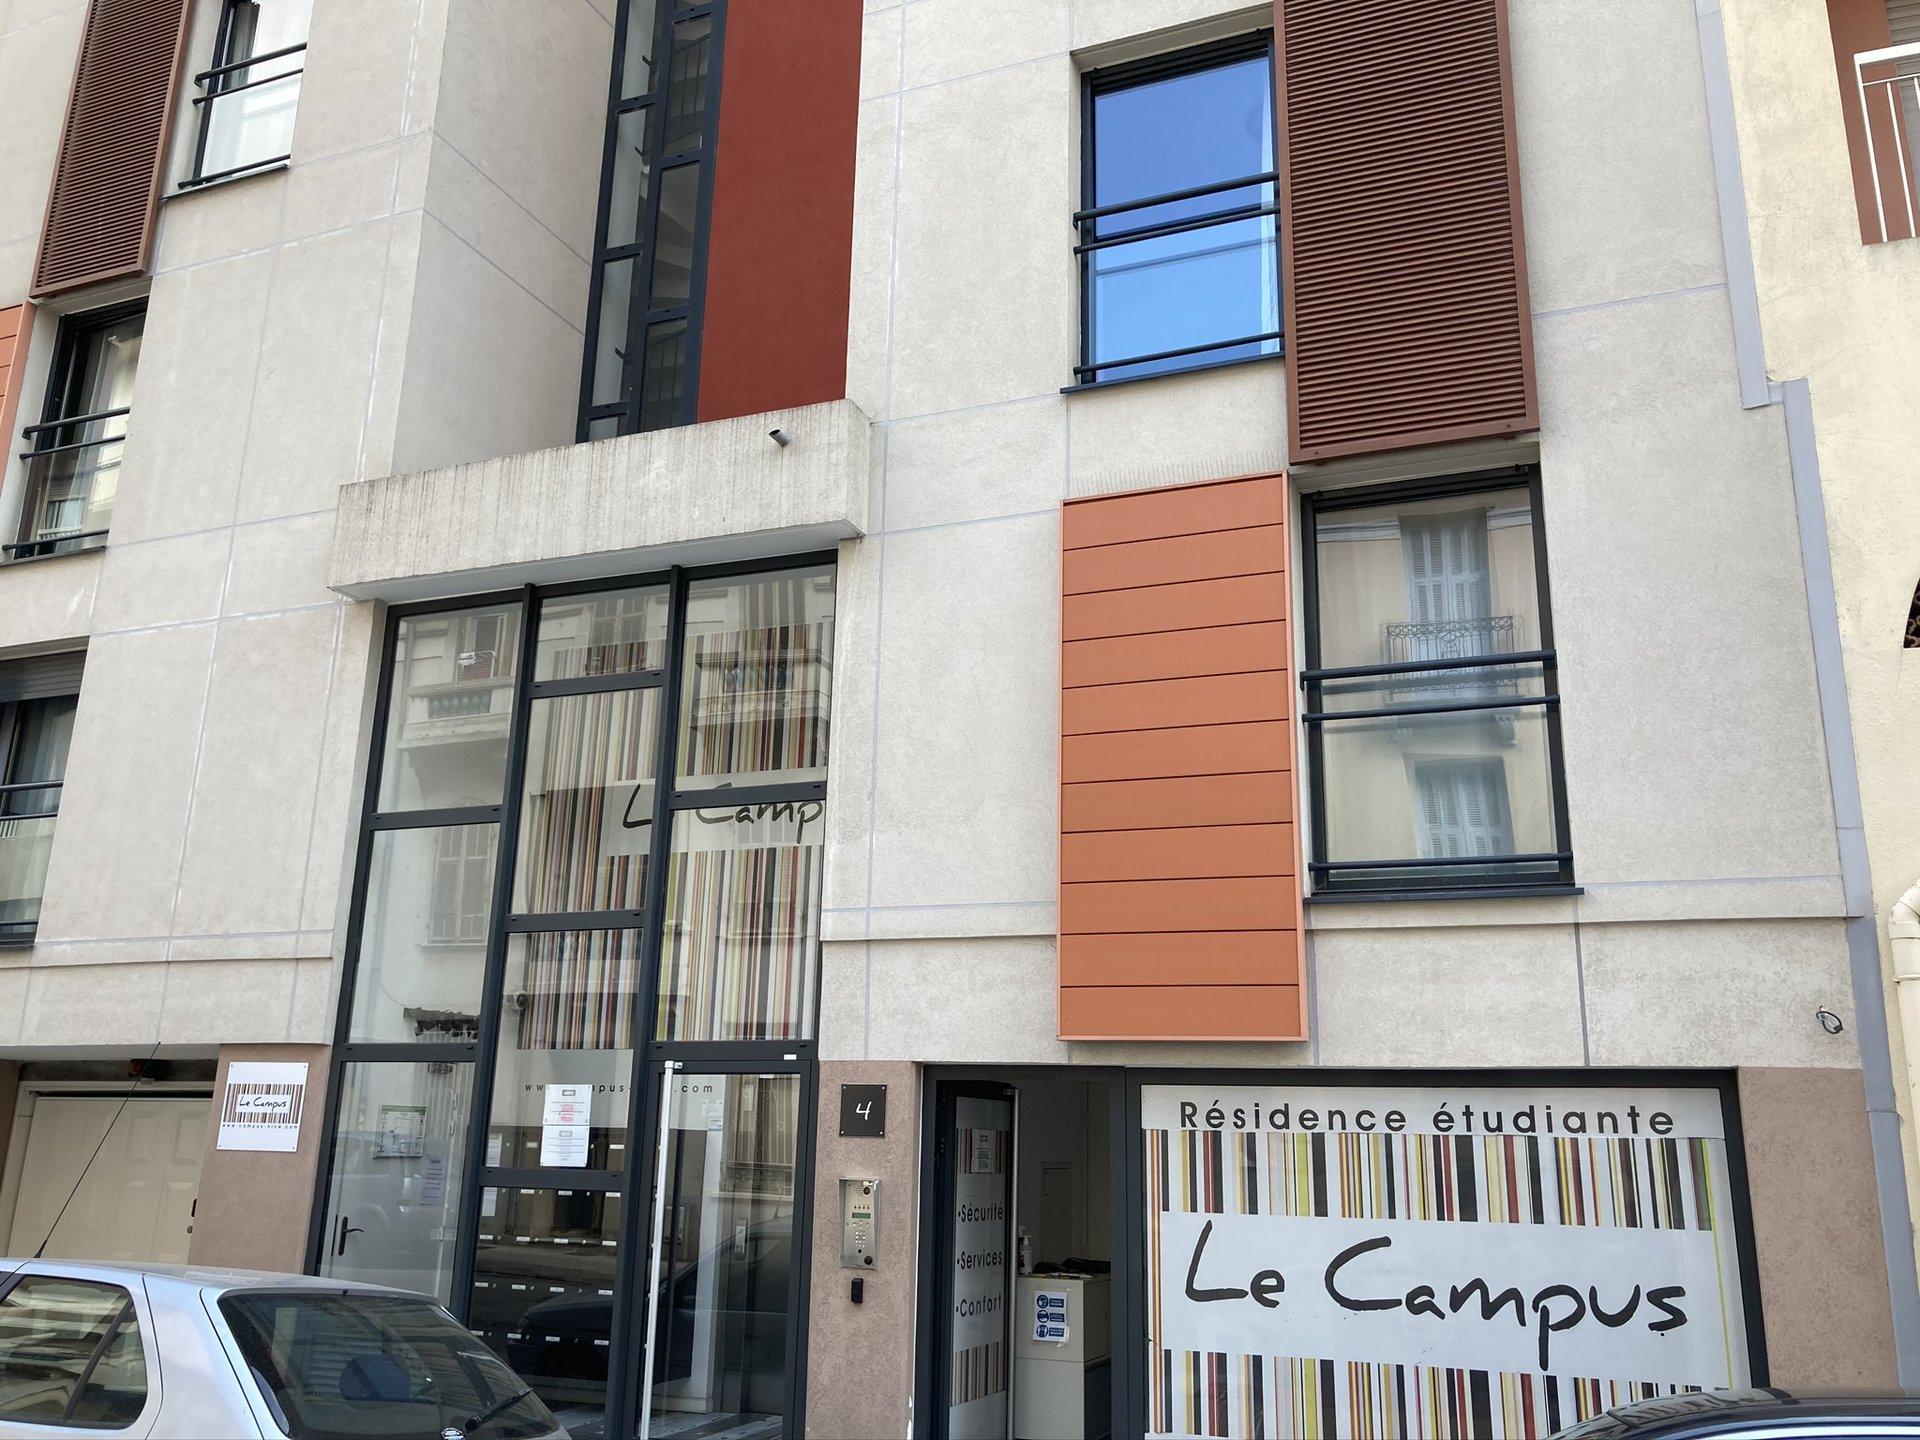 Location studio meublé 22.80 m² + terrasse situé à Nice quartier Saint Jean d'Angely